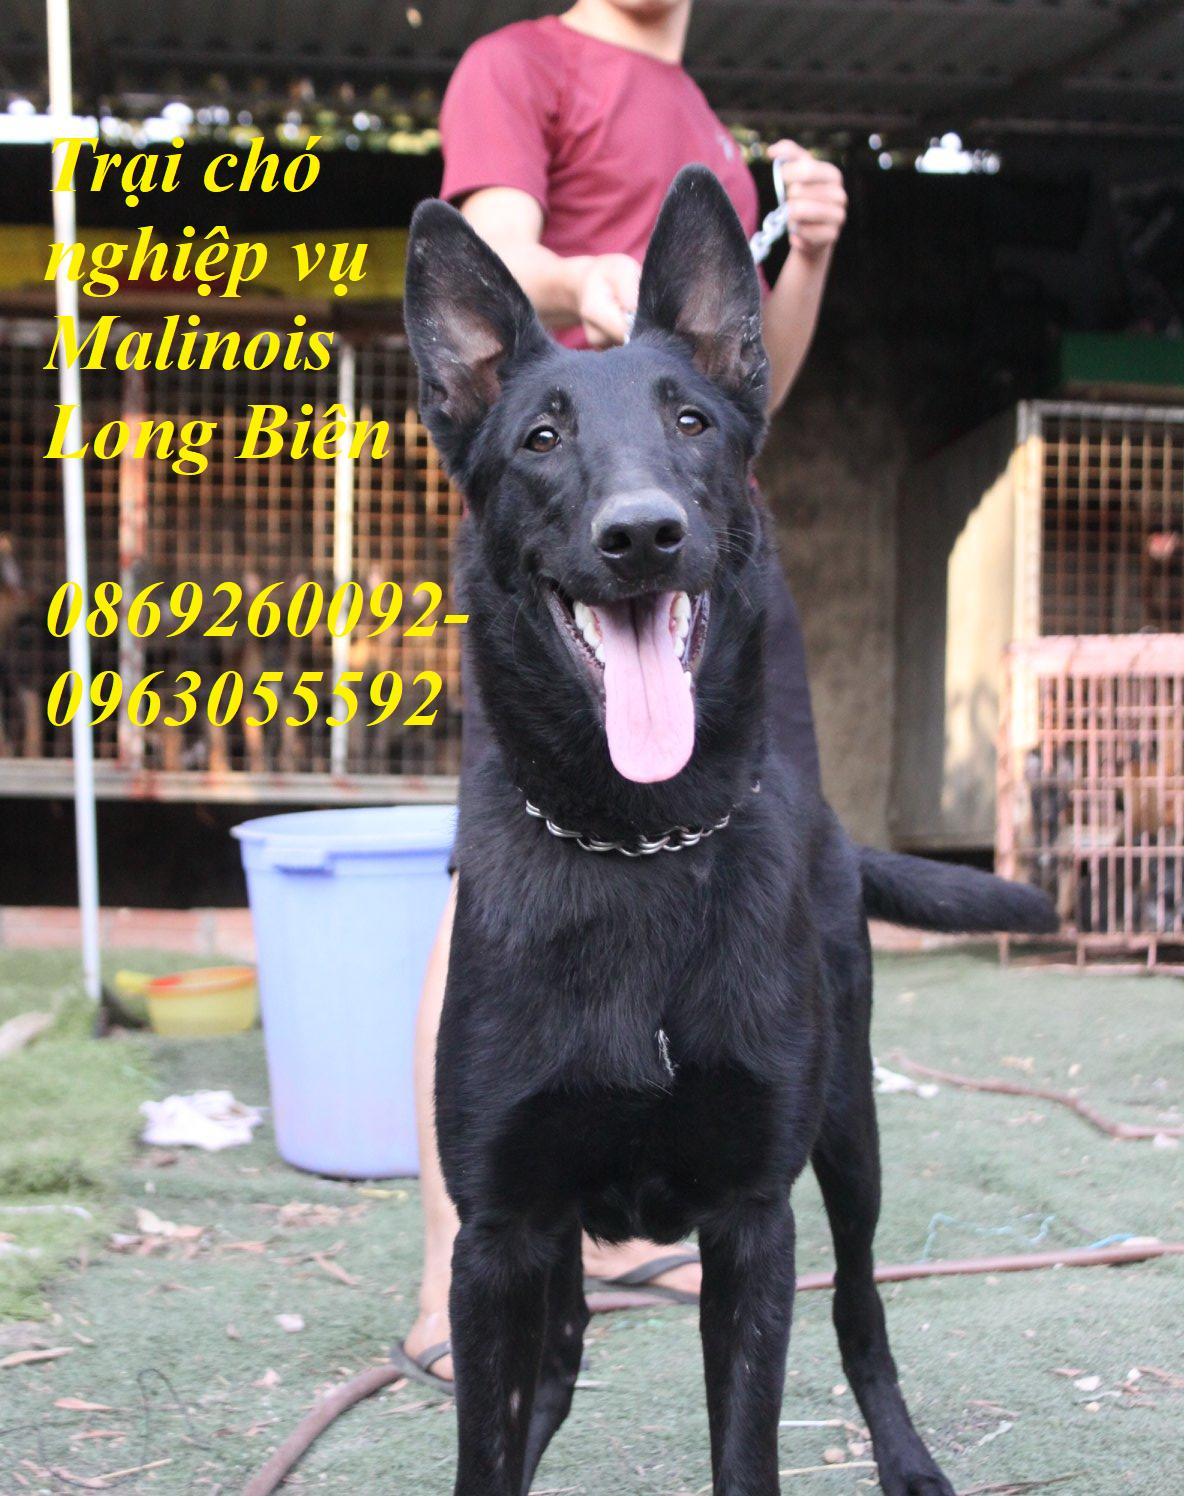 Chó belgian malinois trưởng thành tại trại chó malinois Long Biên